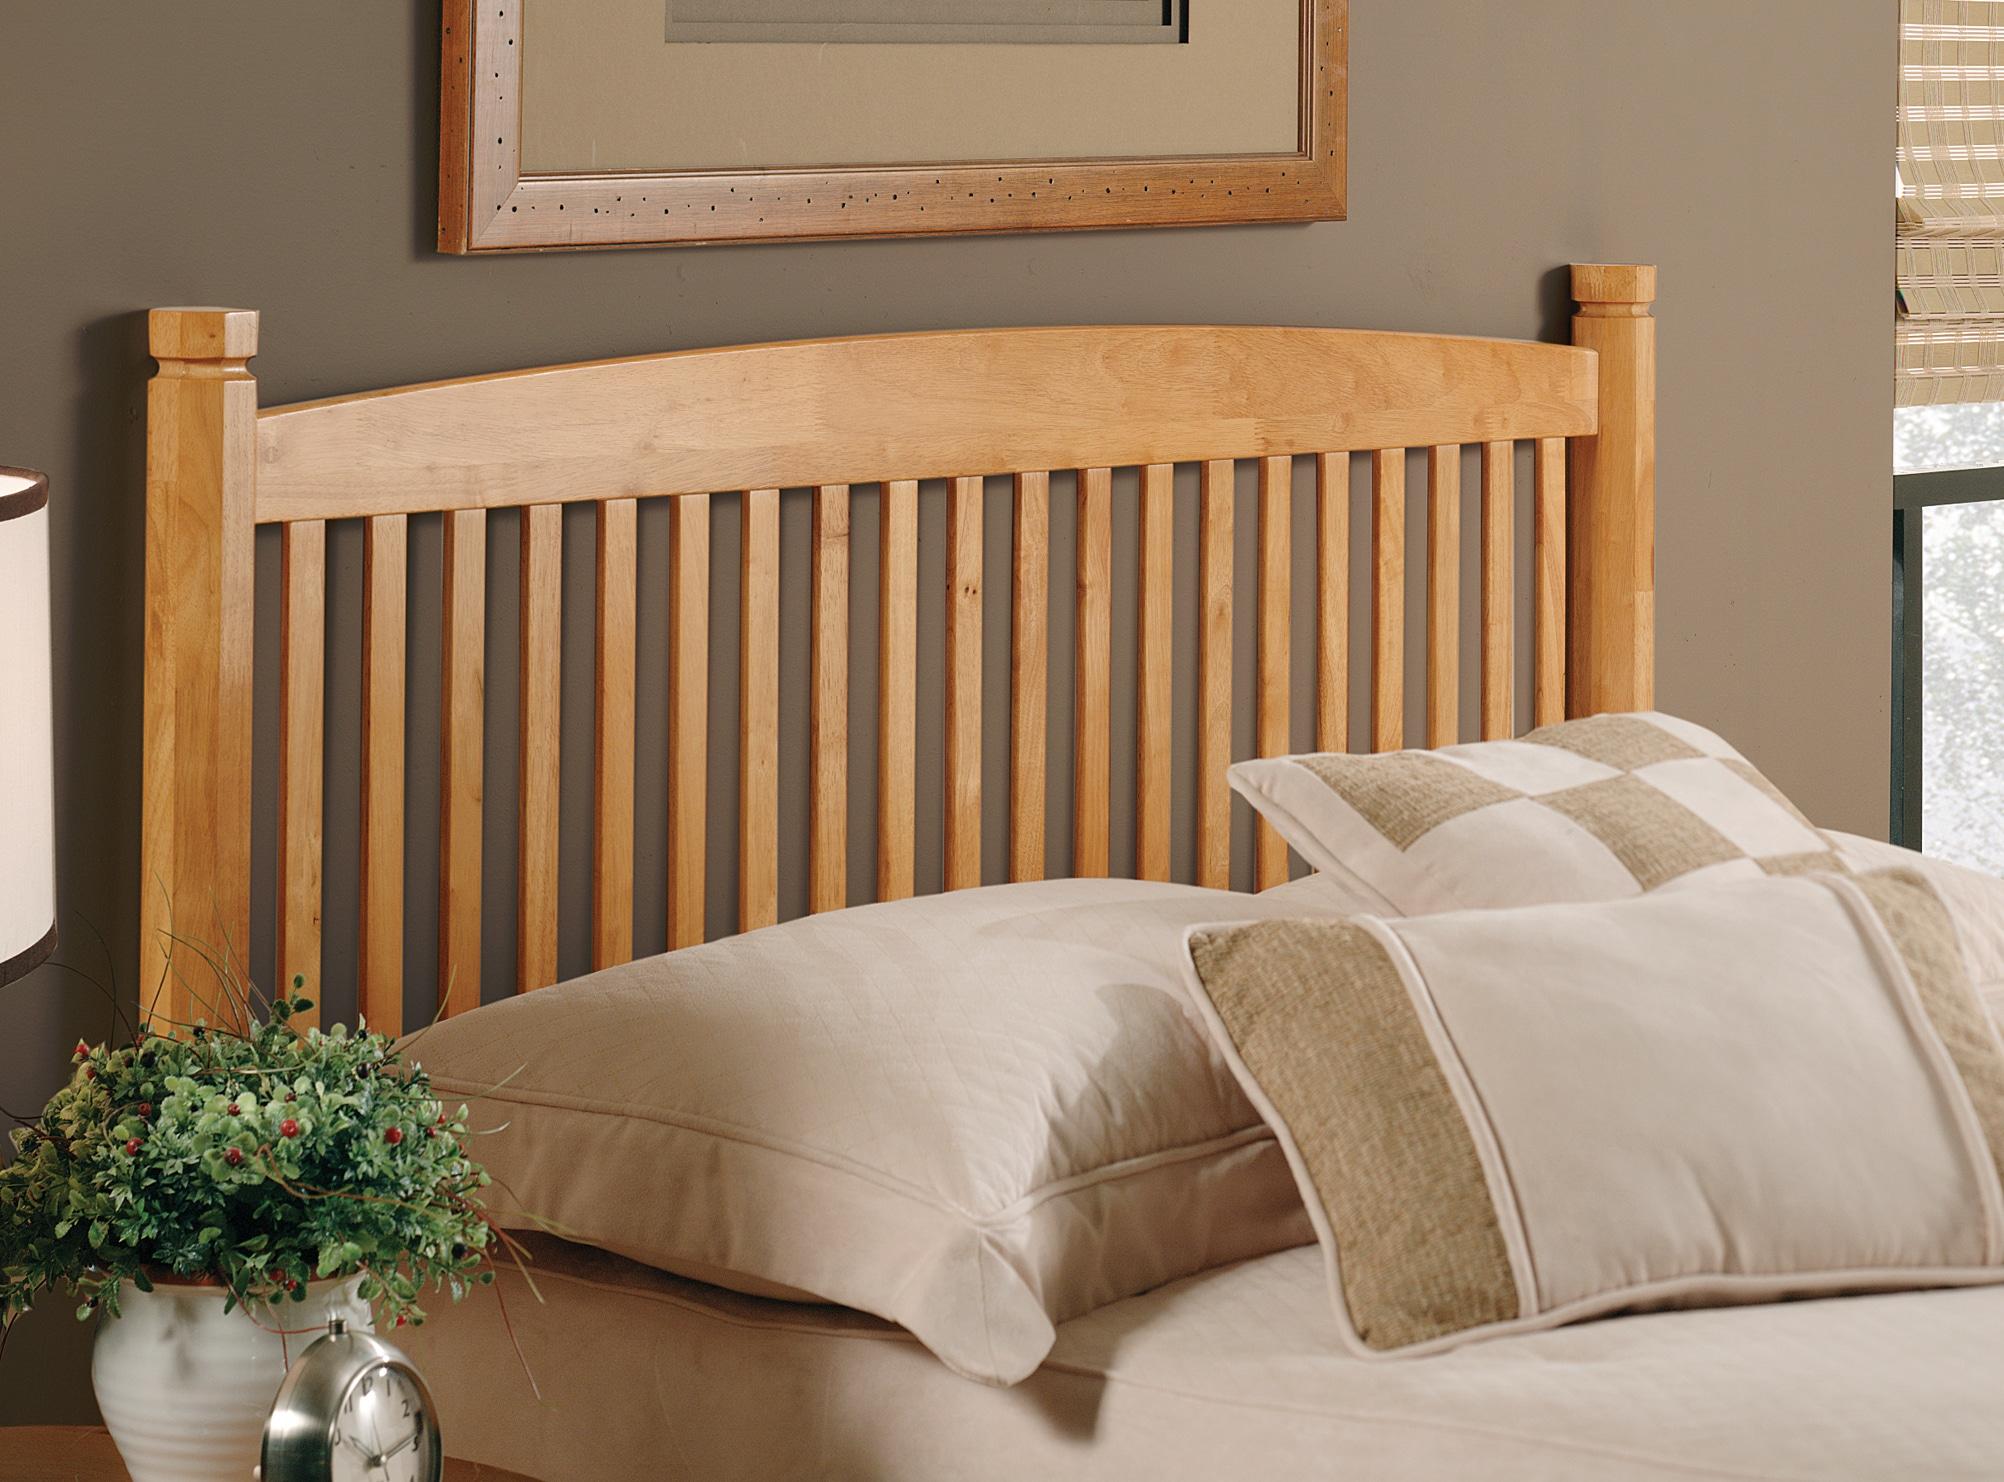 30 cabeceros originales para una cama con estilo estreno - Hacer cabecero cama ...